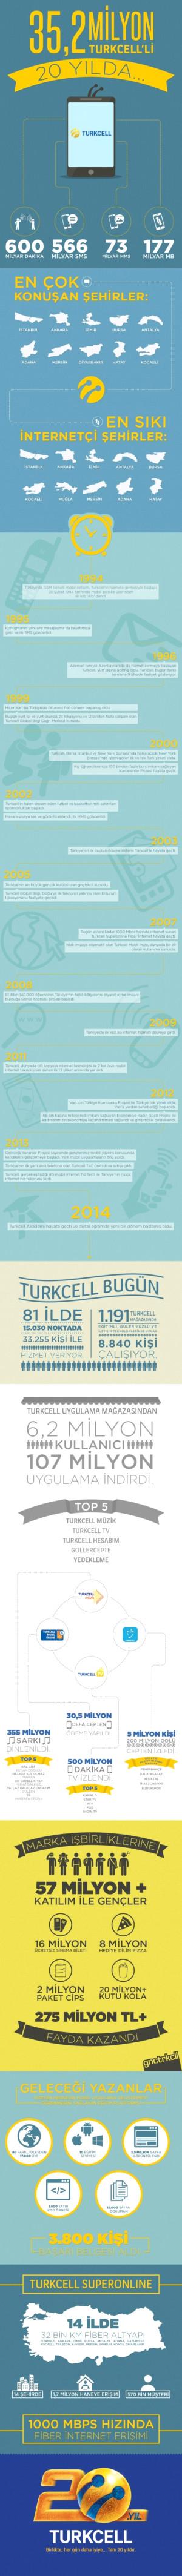 Turkcell'den 20. Yıl İnfografiği